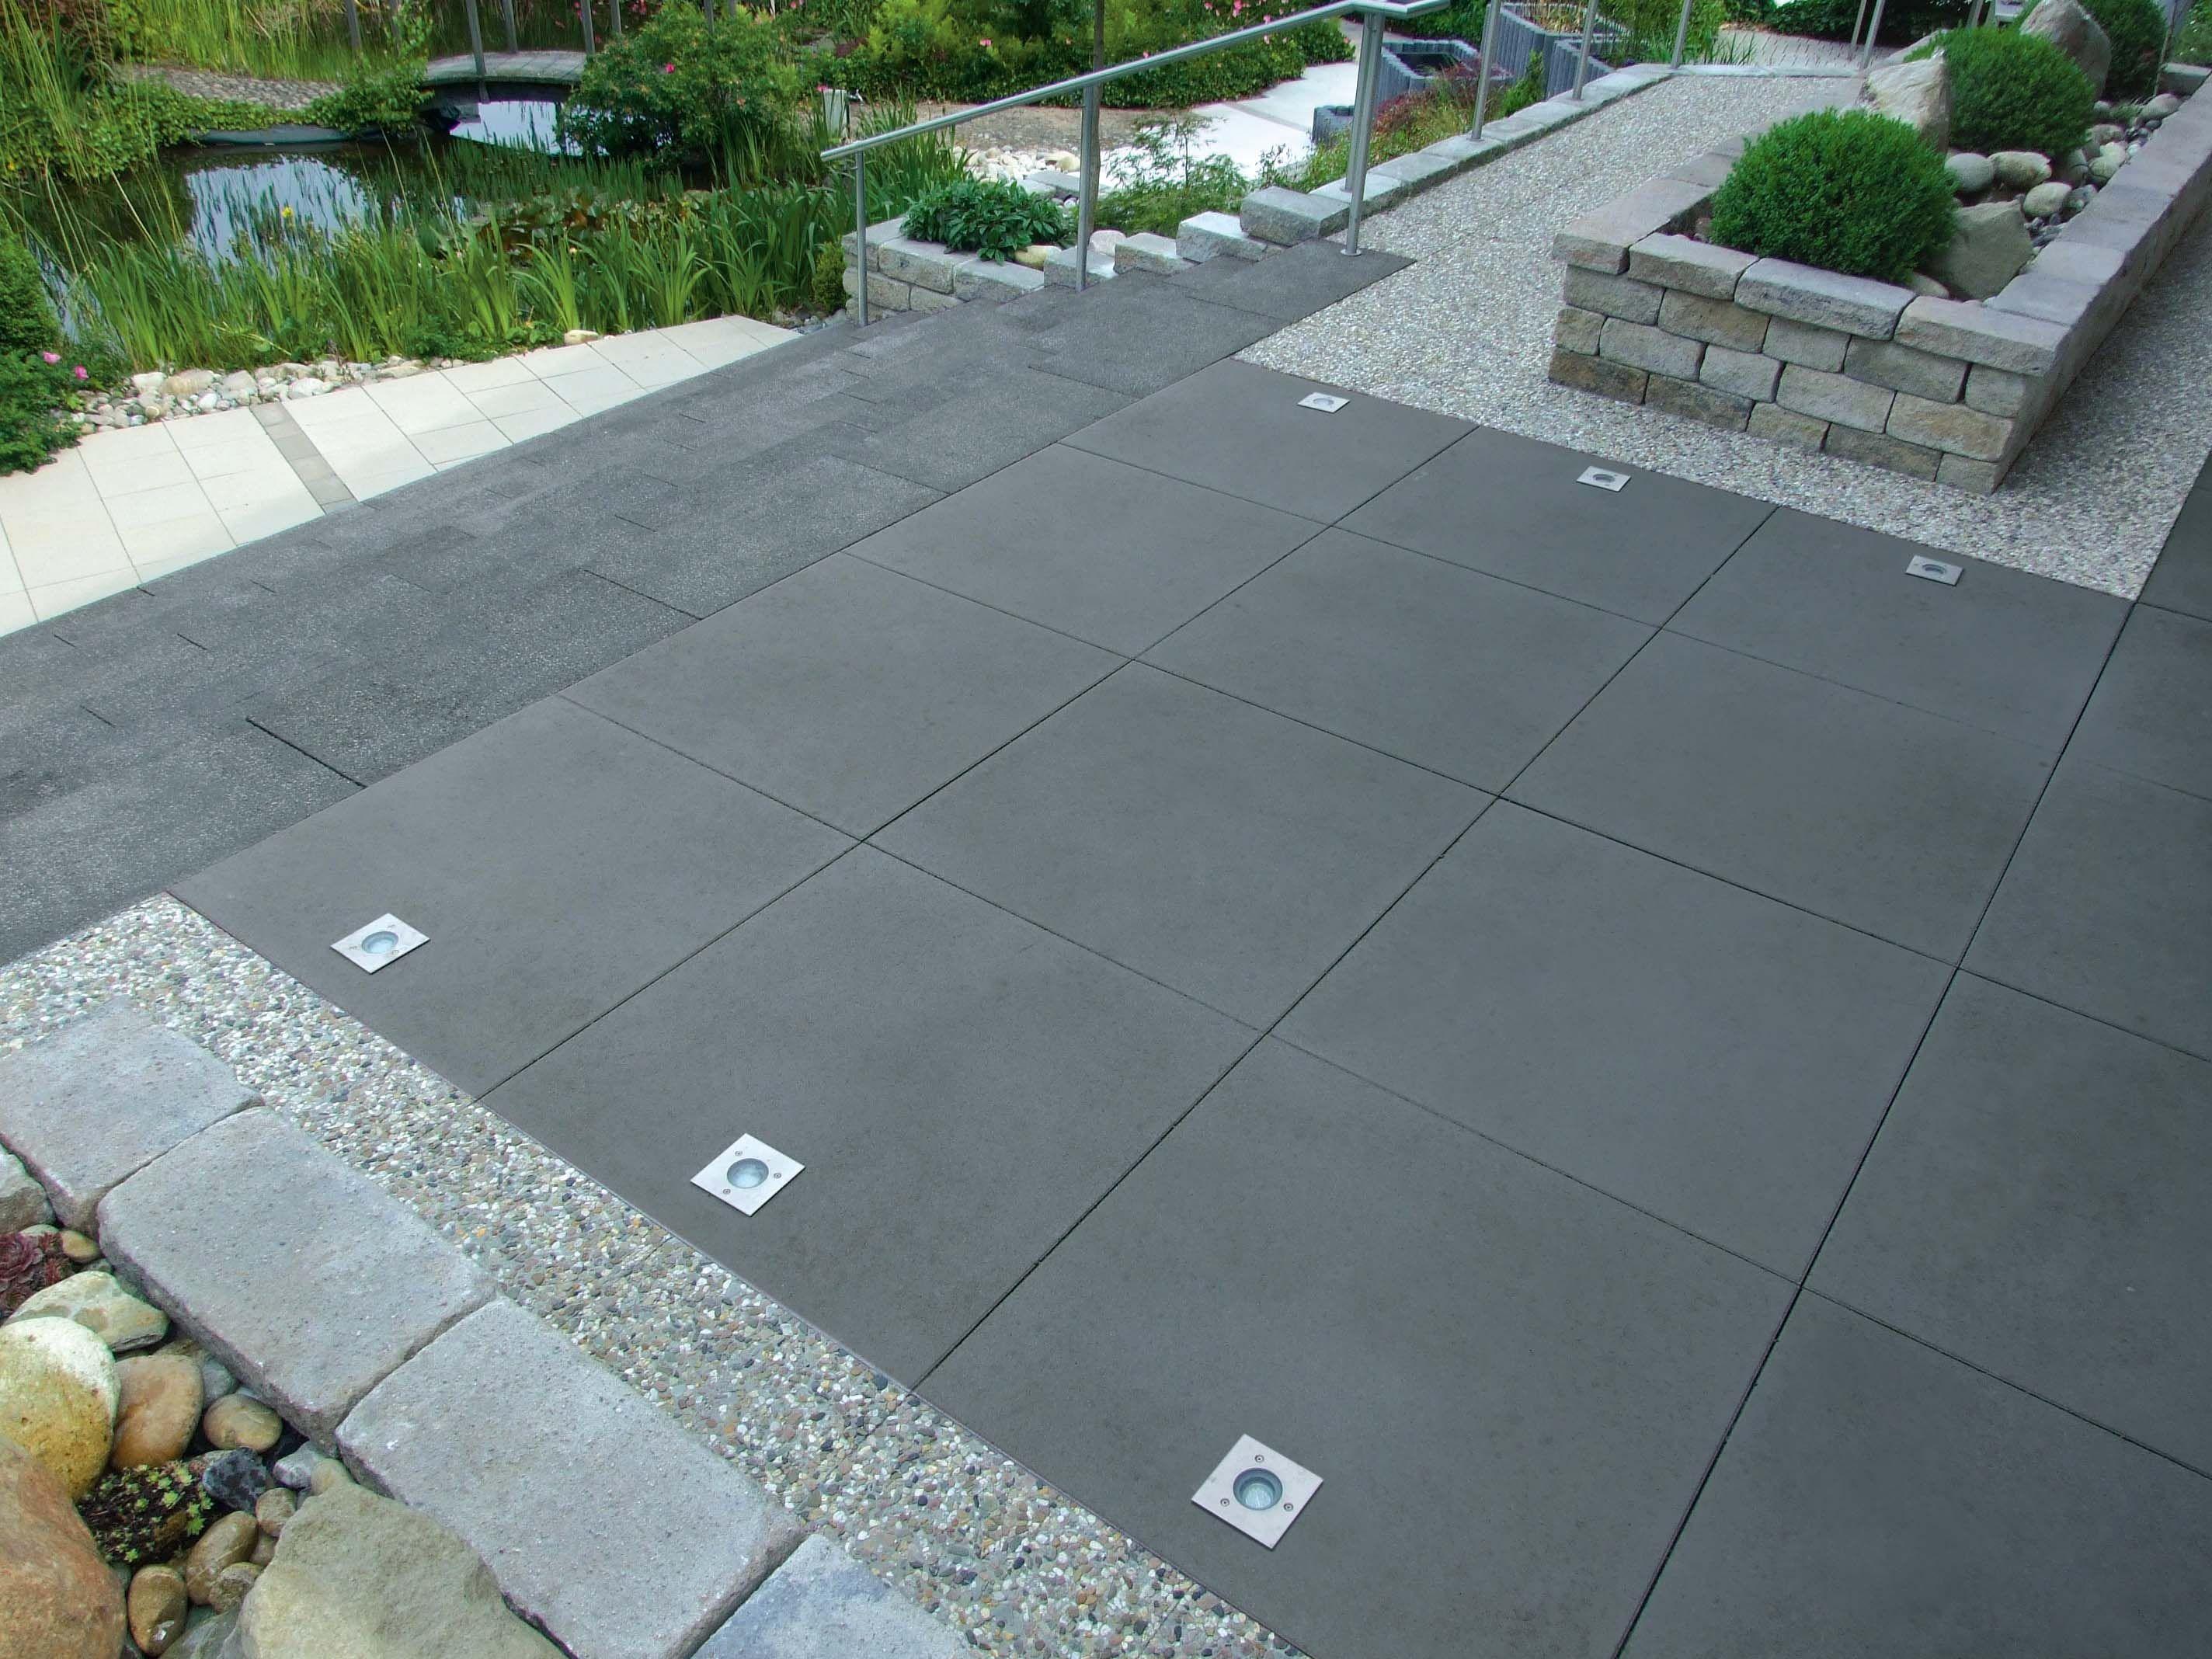 Greyline Betonplatte Terrassenplatten Pflastersteine Gartenmauer Stufen Gartenmauer Abschussiger Garten Betonplatte